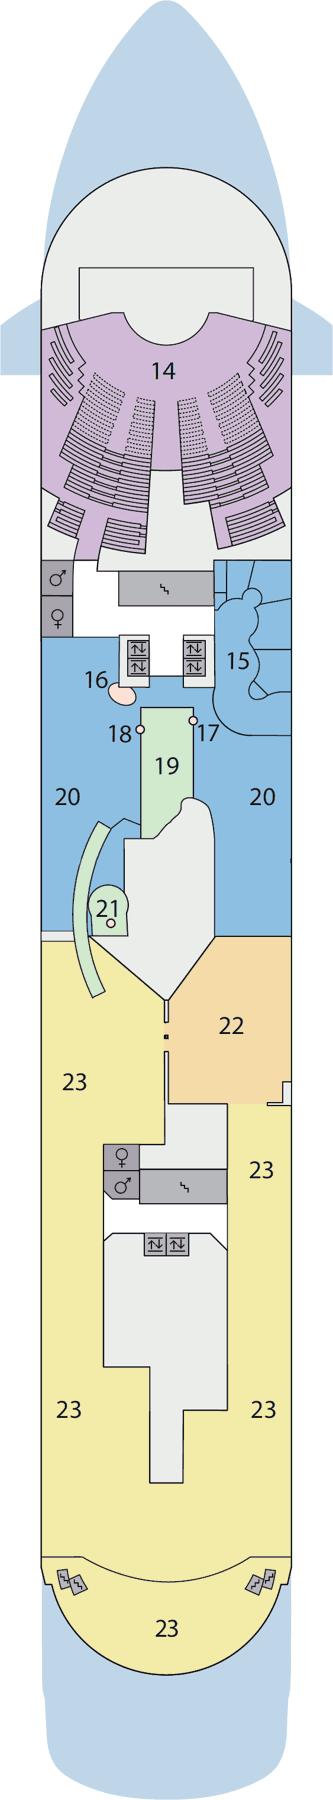 AIDAaura - Deck 9